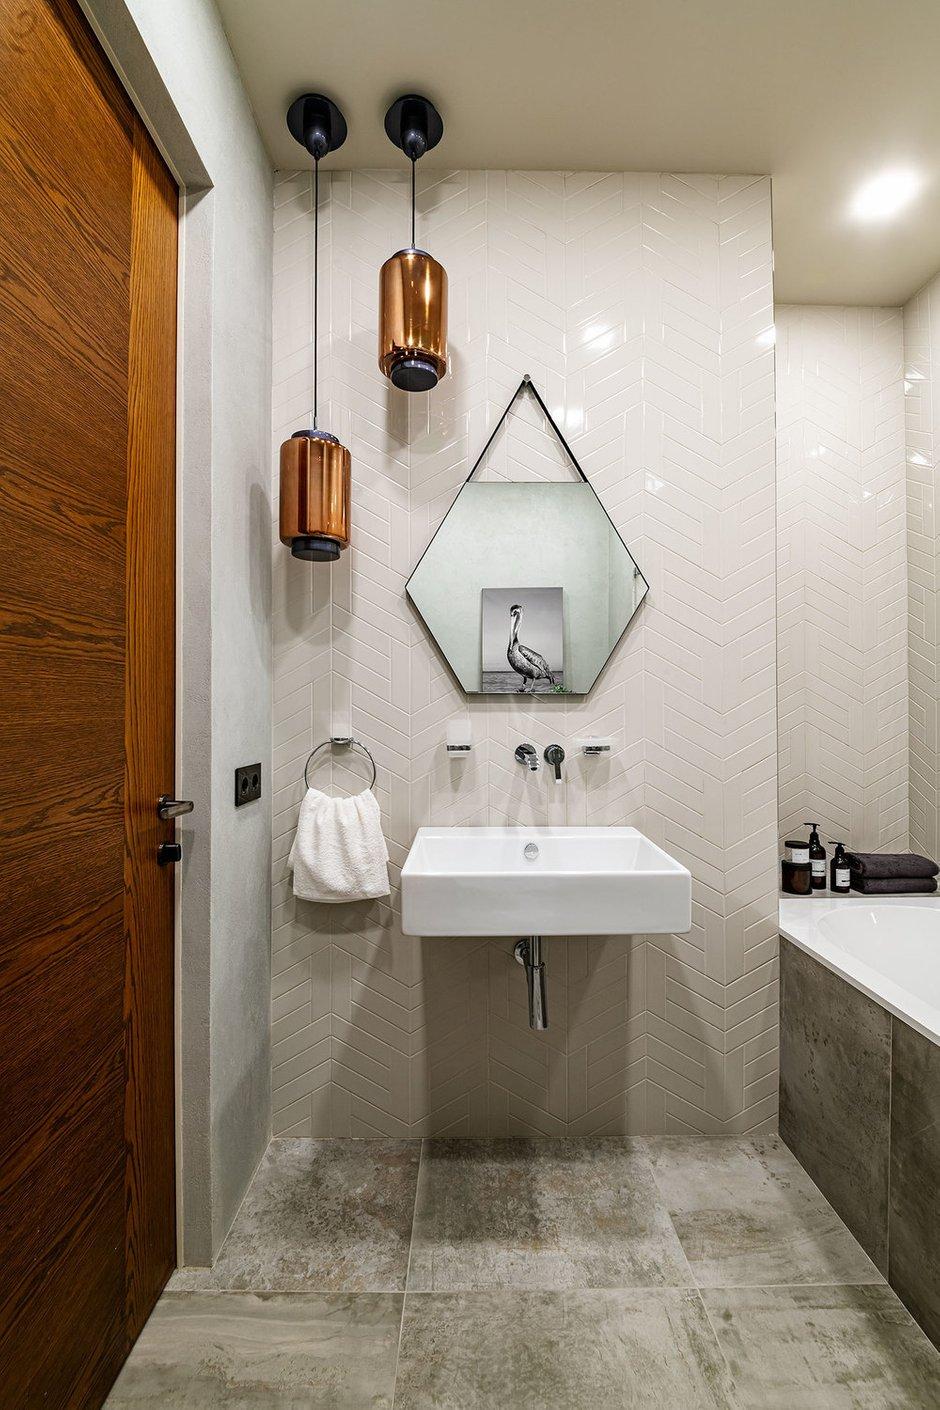 Фотография: Ванная в стиле Современный, Квартира, Проект недели, Москва, 3 комнаты, Более 90 метров, Наталья Широкова – фото на INMYROOM